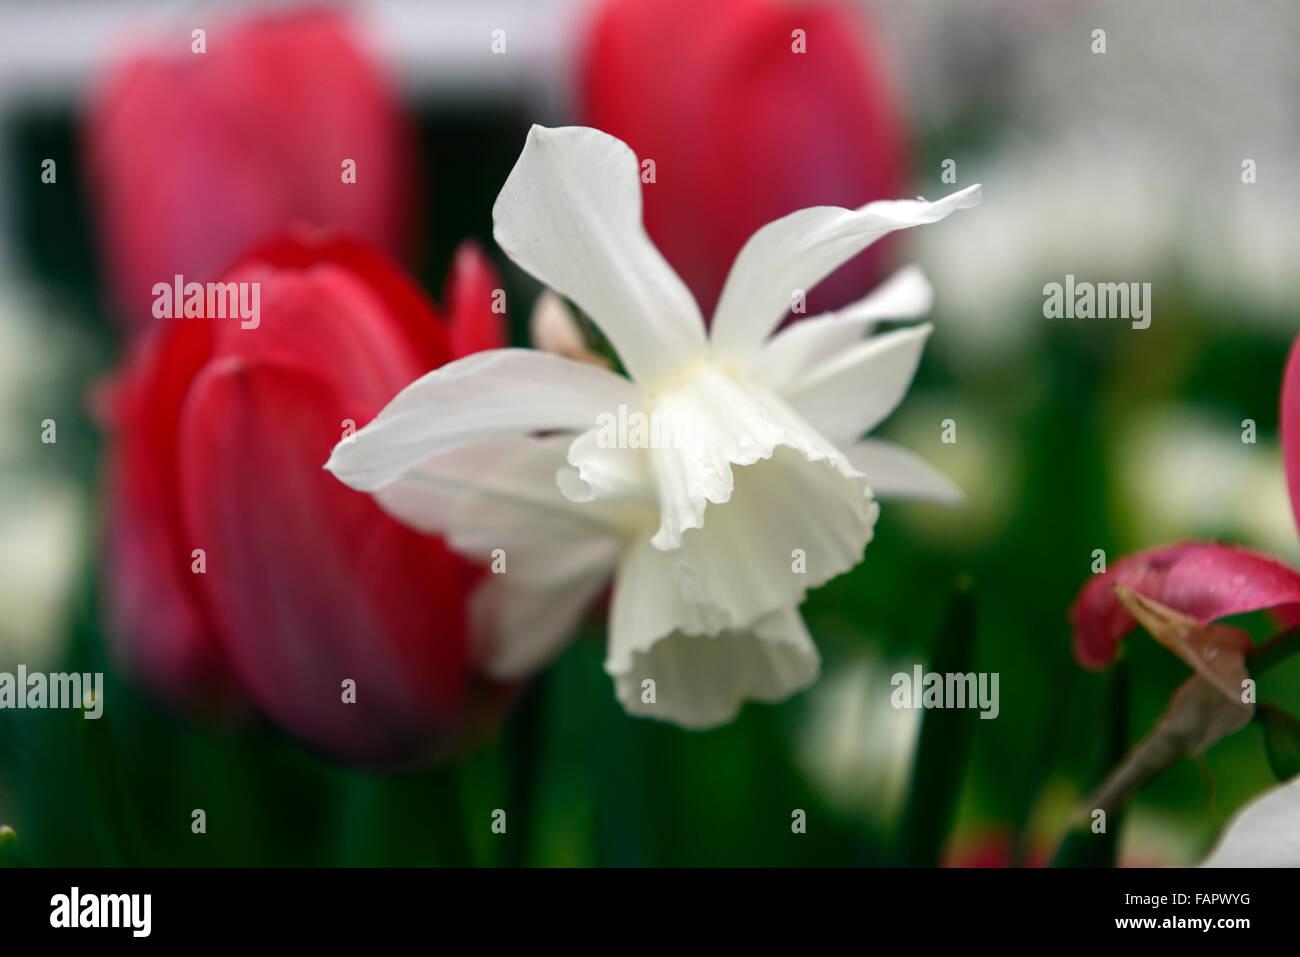 tulipa red impression narcissus thalia tulip daffodil red white ...